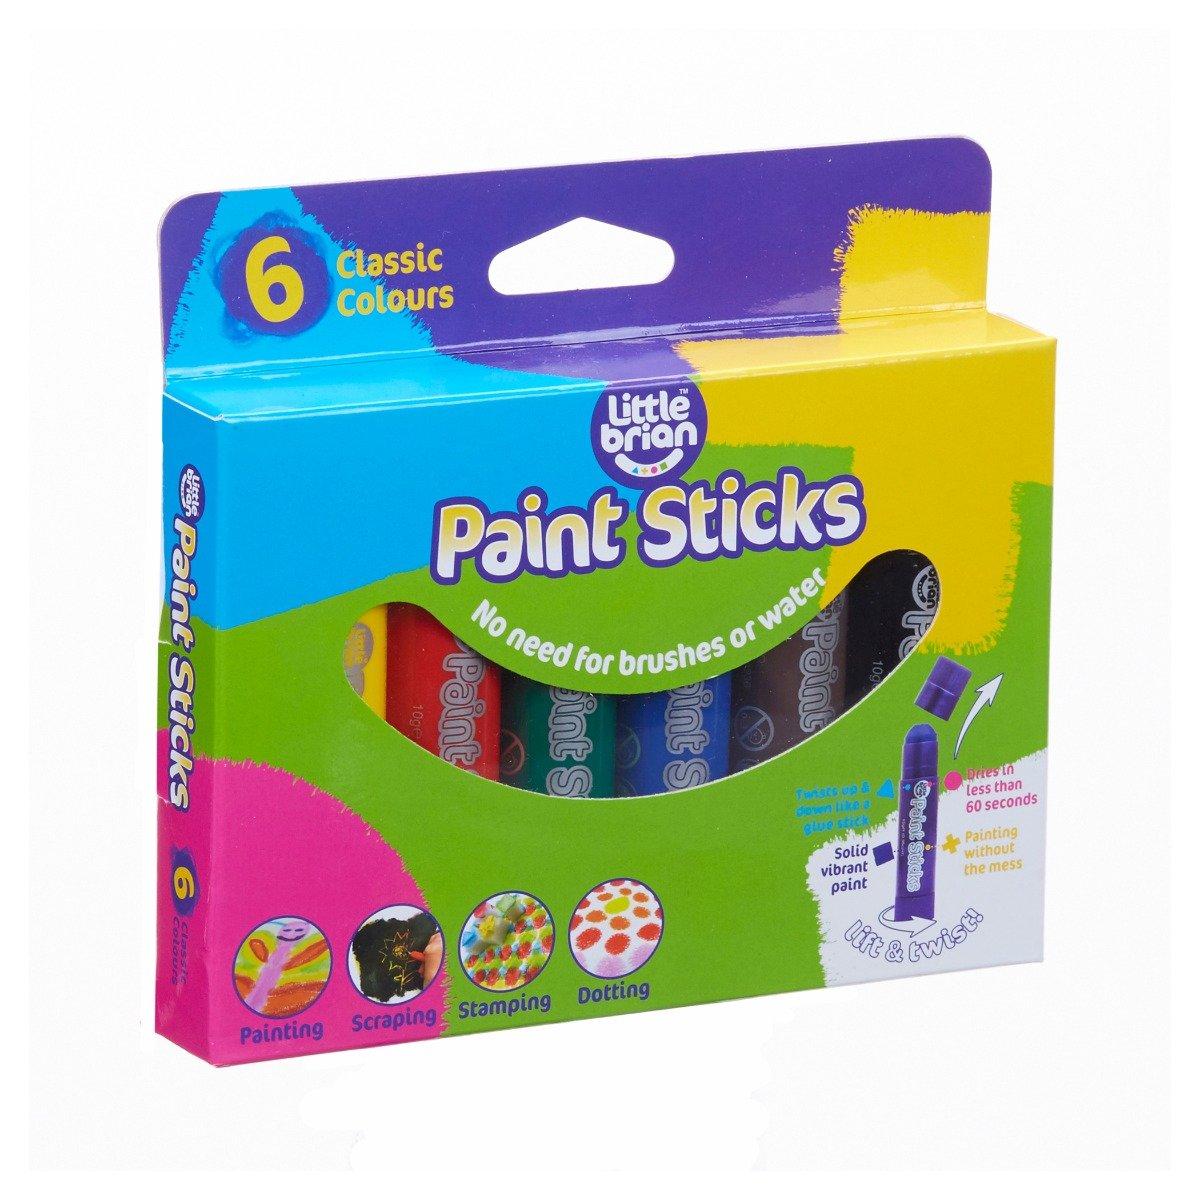 Set batoane de colorat Little Brian, 6 culori clasice